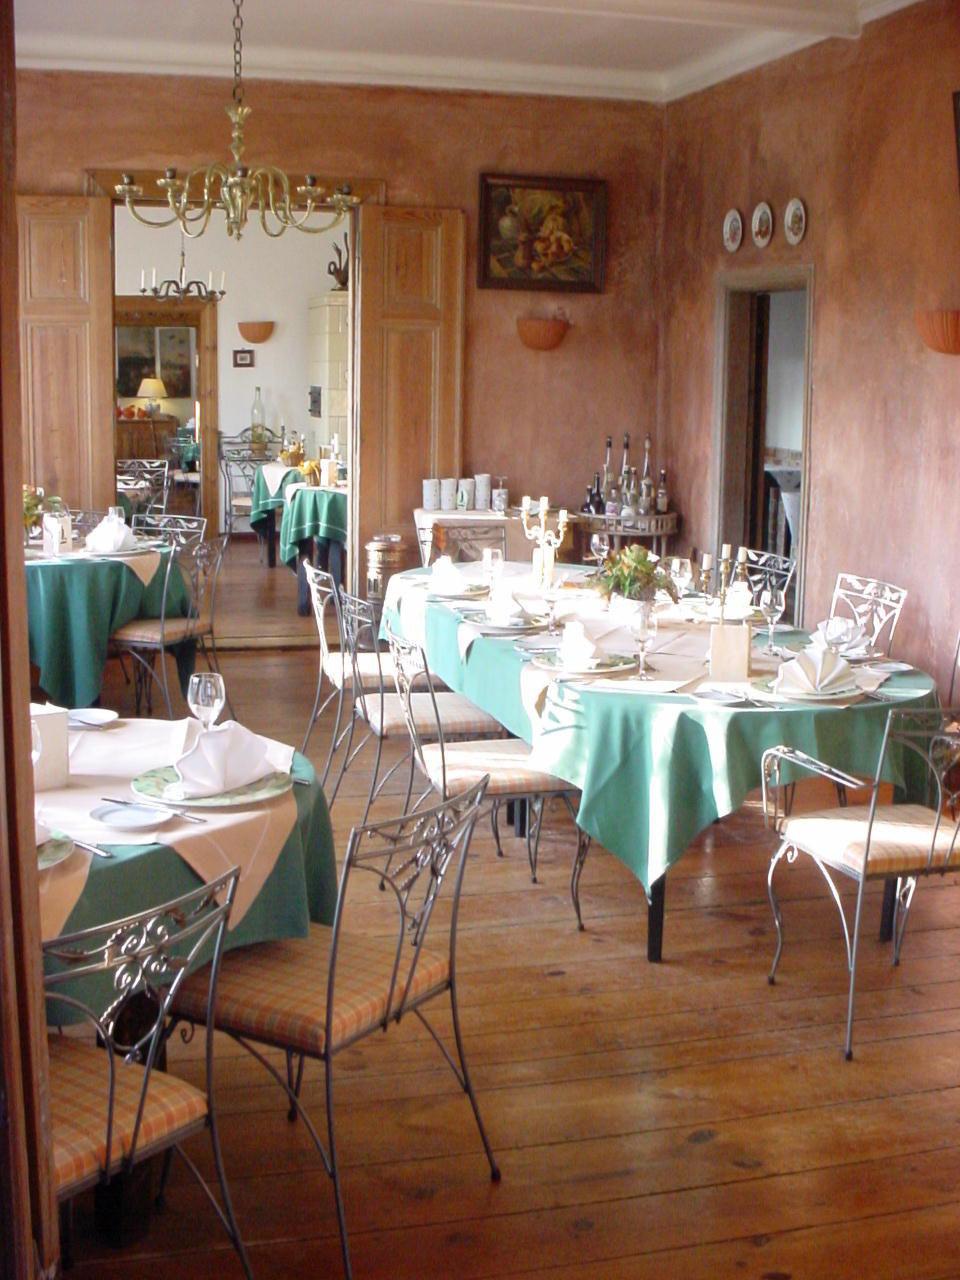 Zum Bankett eingedeckt oder Speisesaal für Gruppen - Hotel Alte Försterei Kloster Zinna